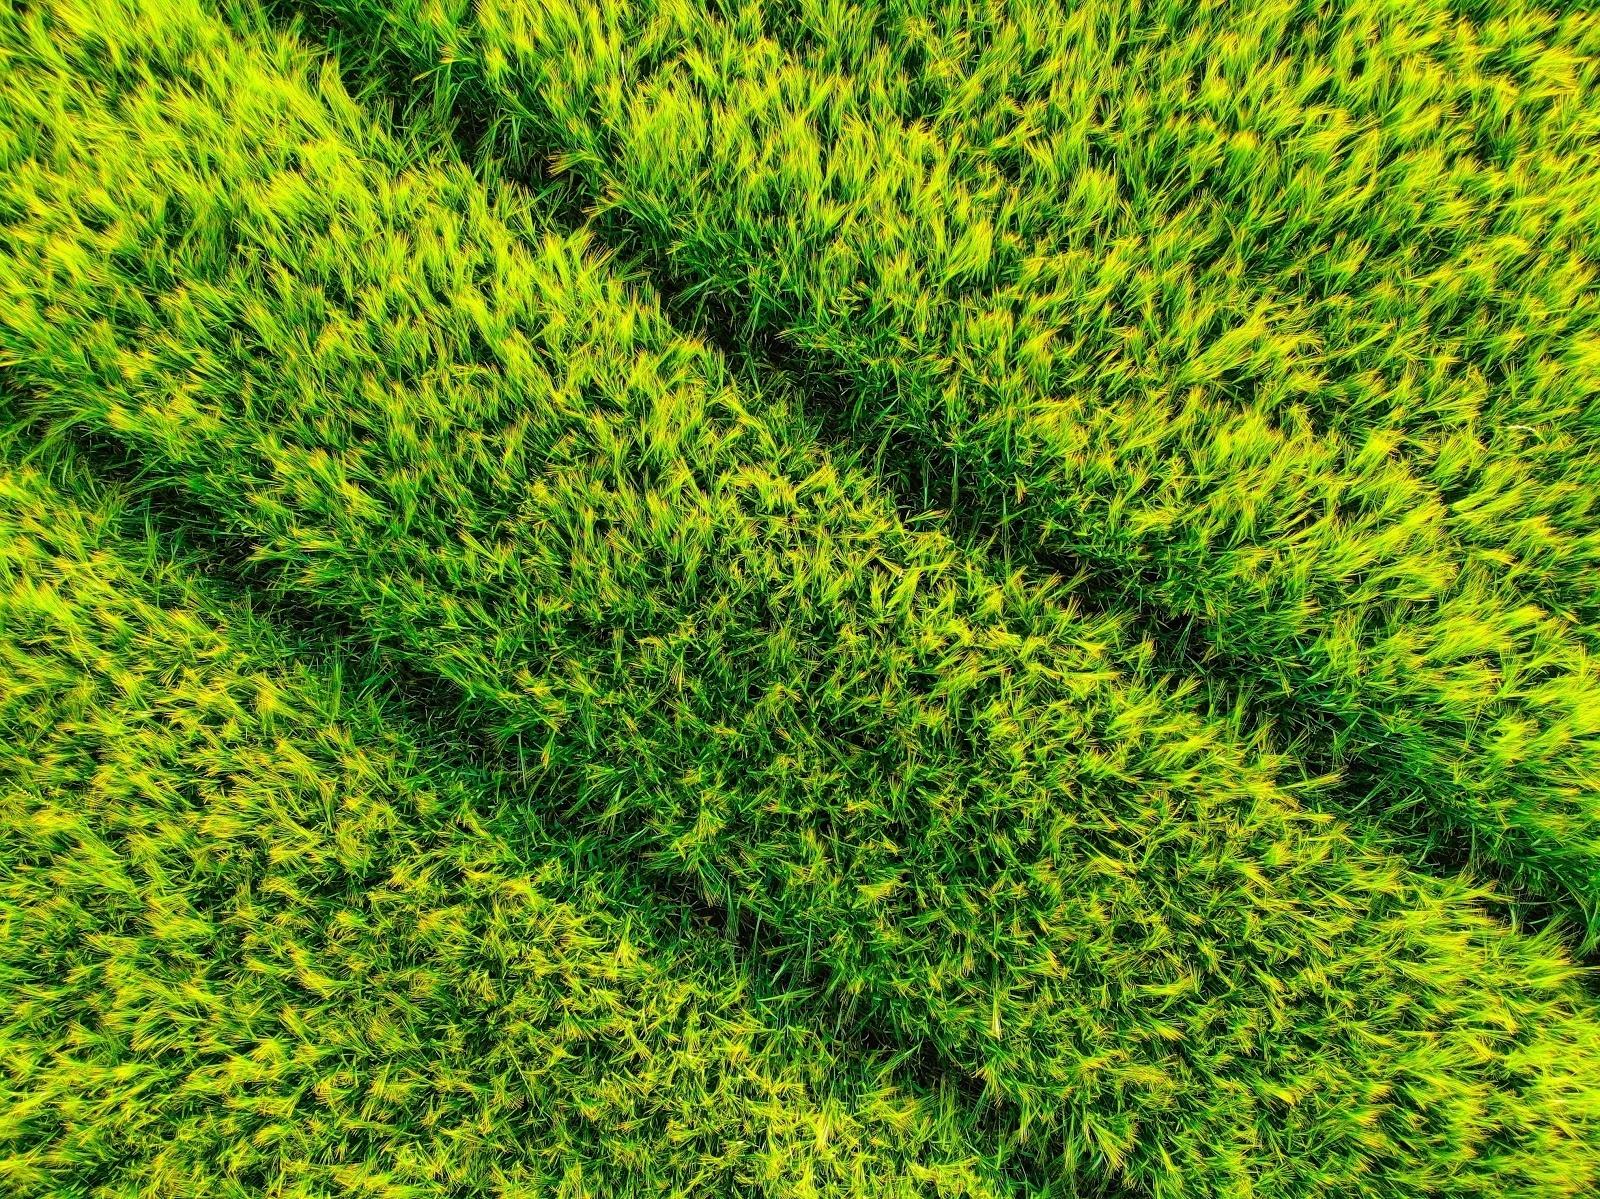 Renewable energy - biomass energy